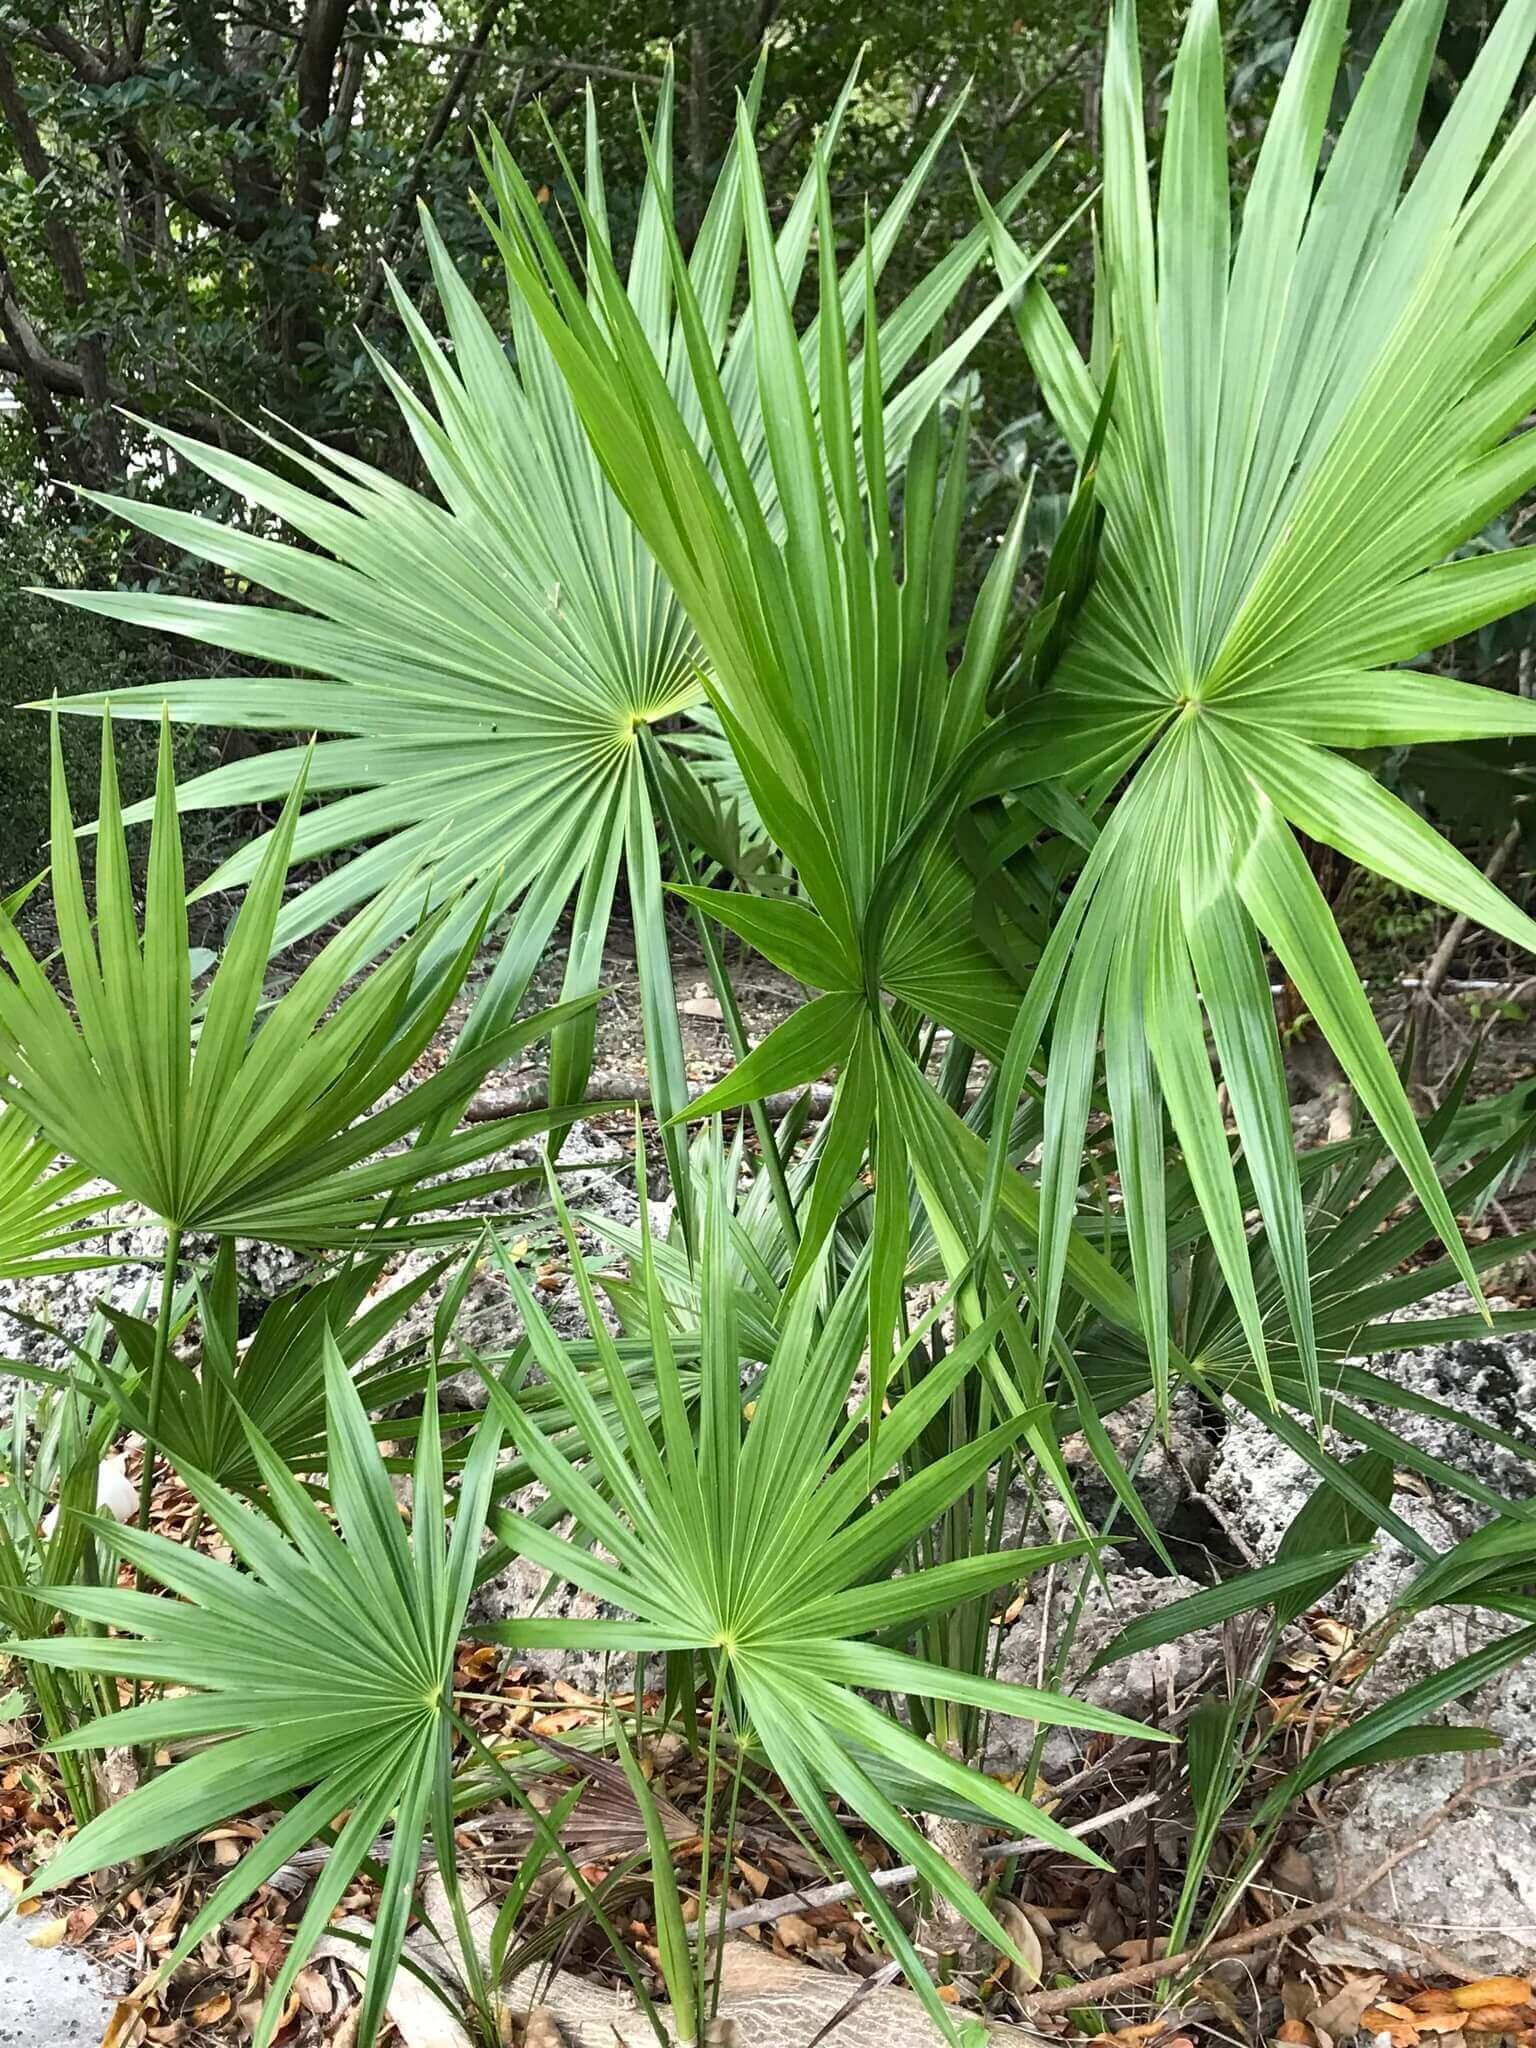 Serenoa repens Saw palmetto